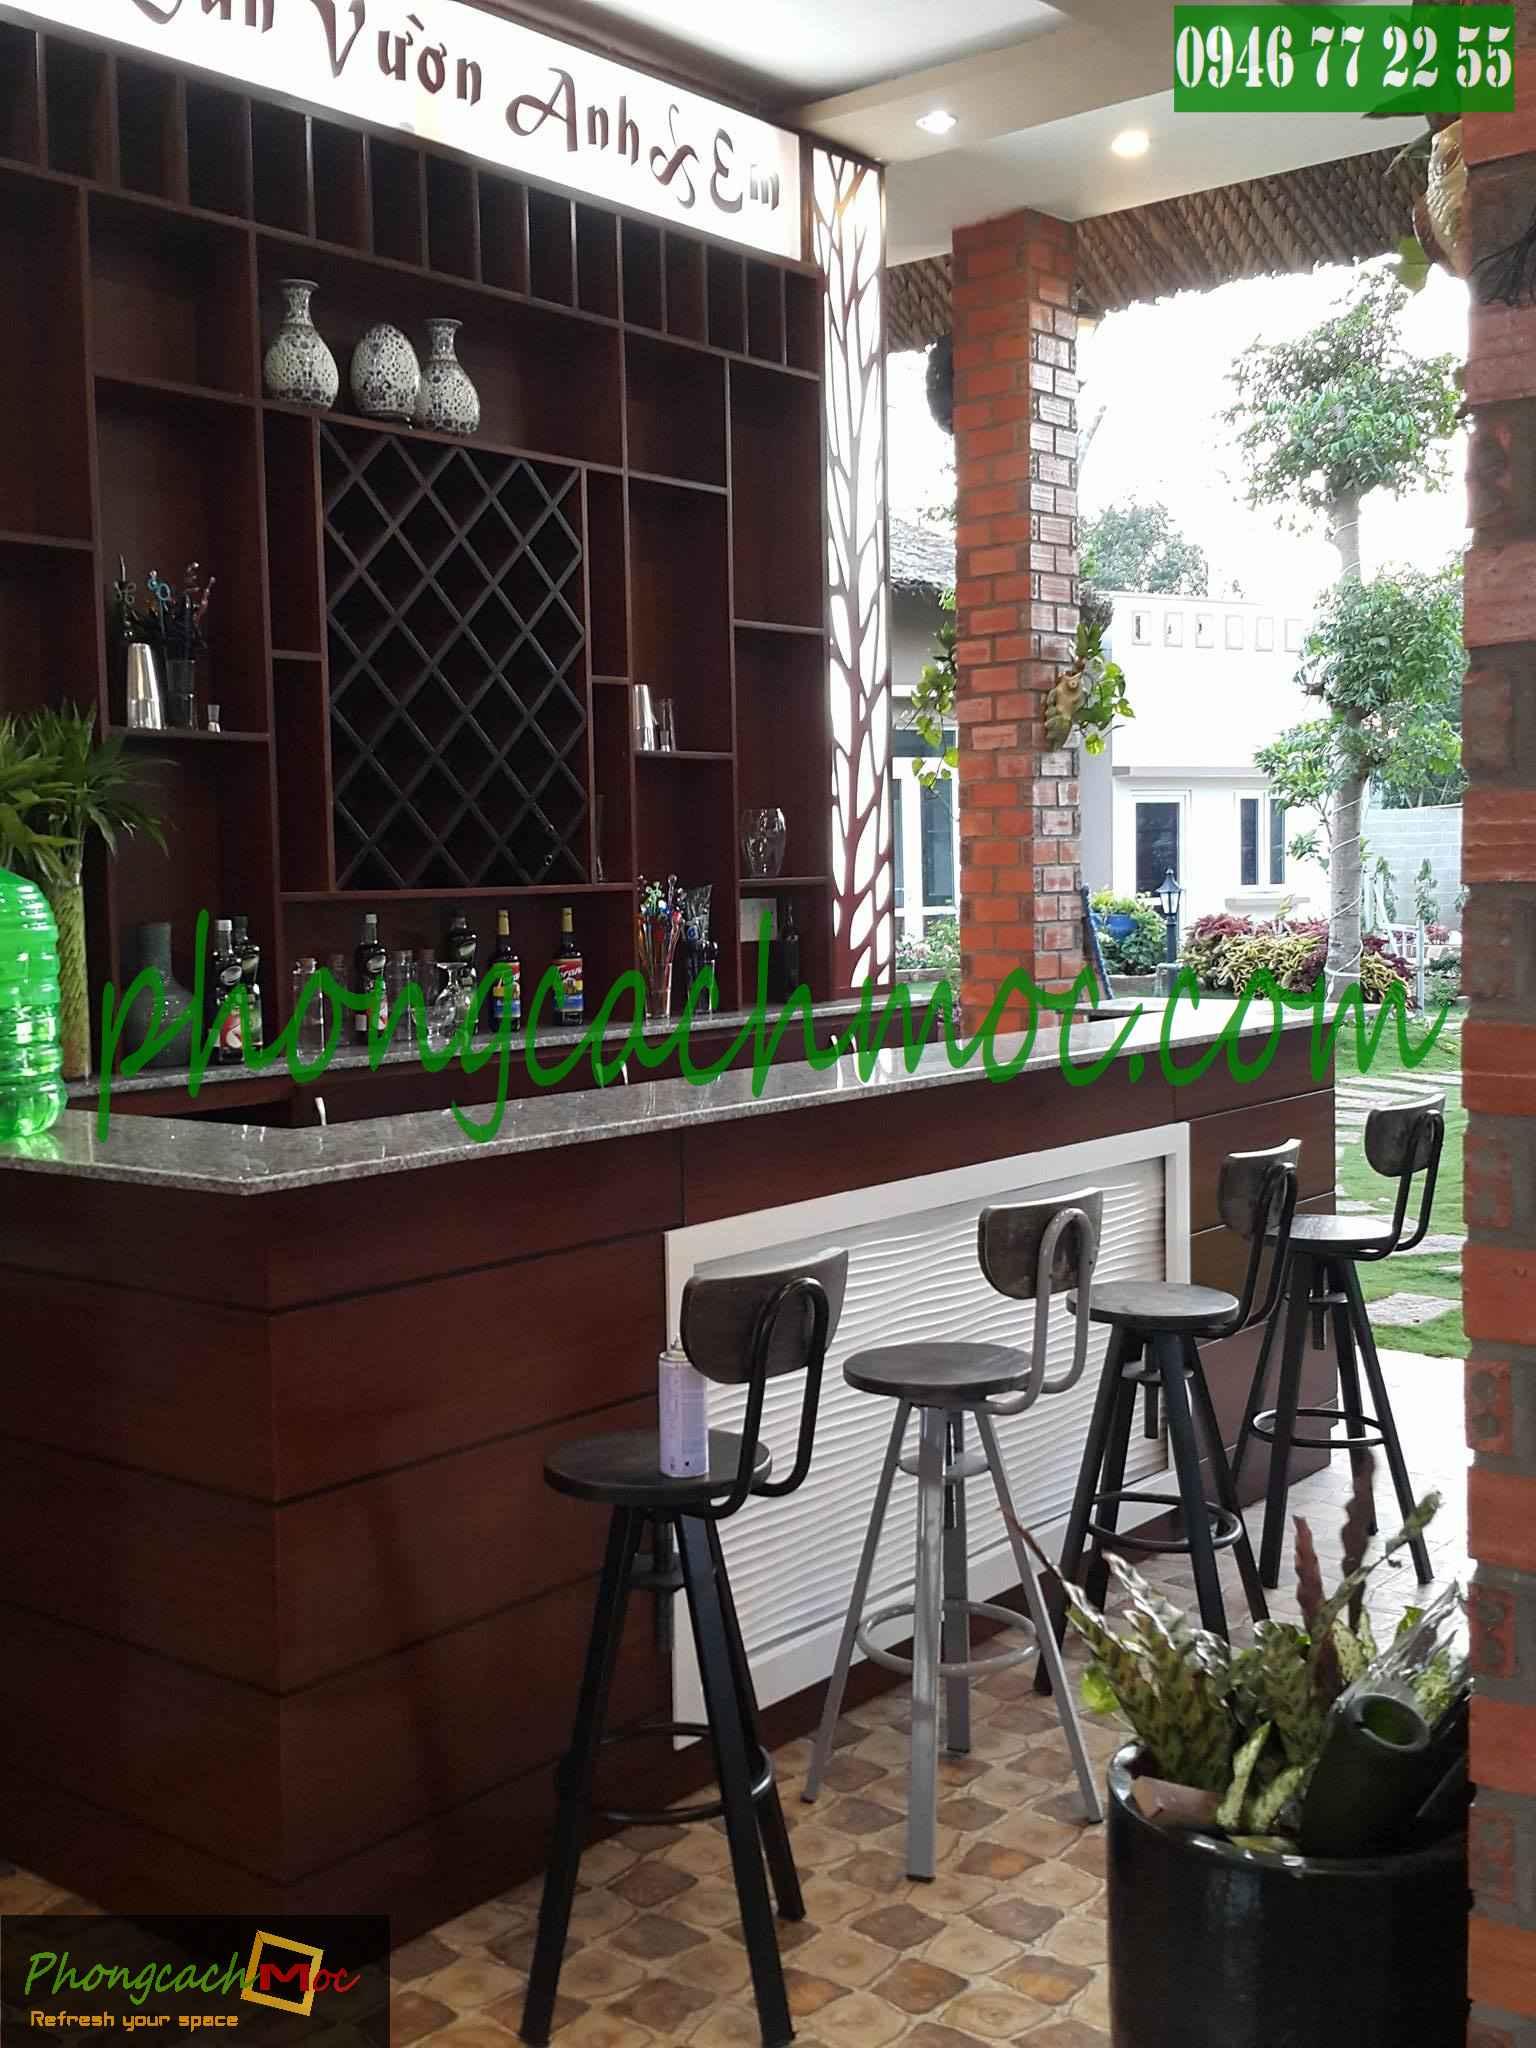 ban-ghe-quan-cafe-21420